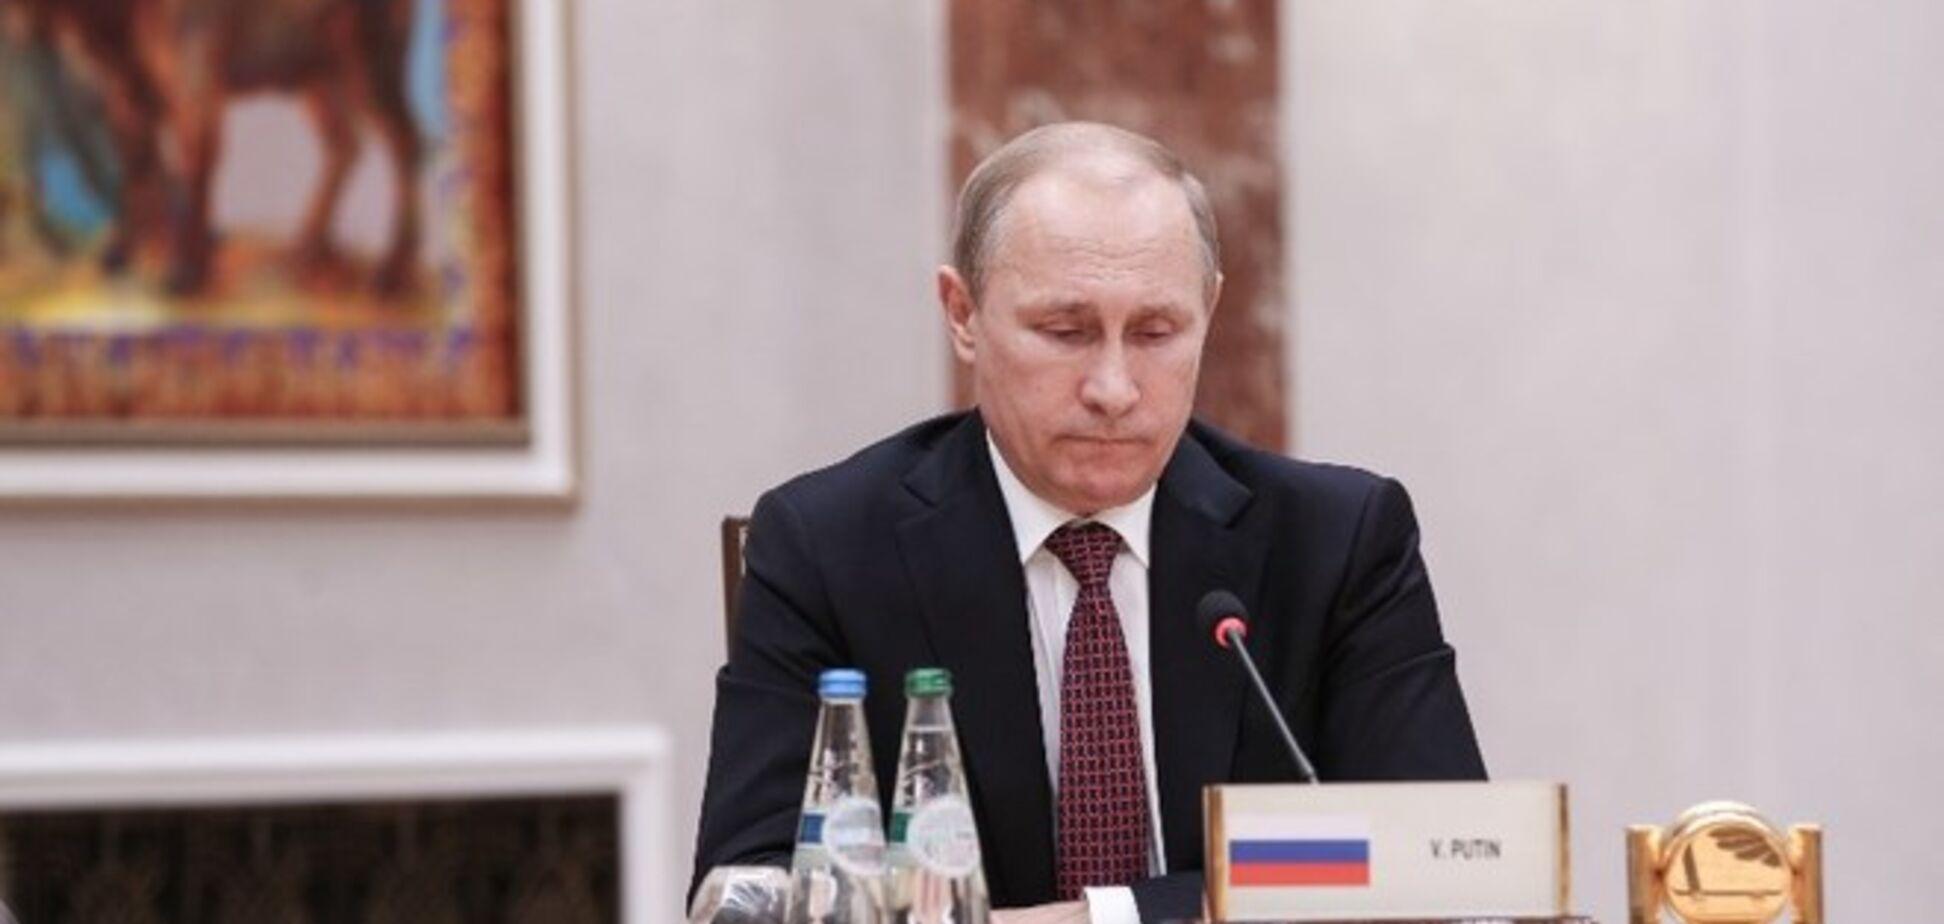 Путин подтвердил договоренность о прекращении огня с полночи 15 февраля и подписание документов